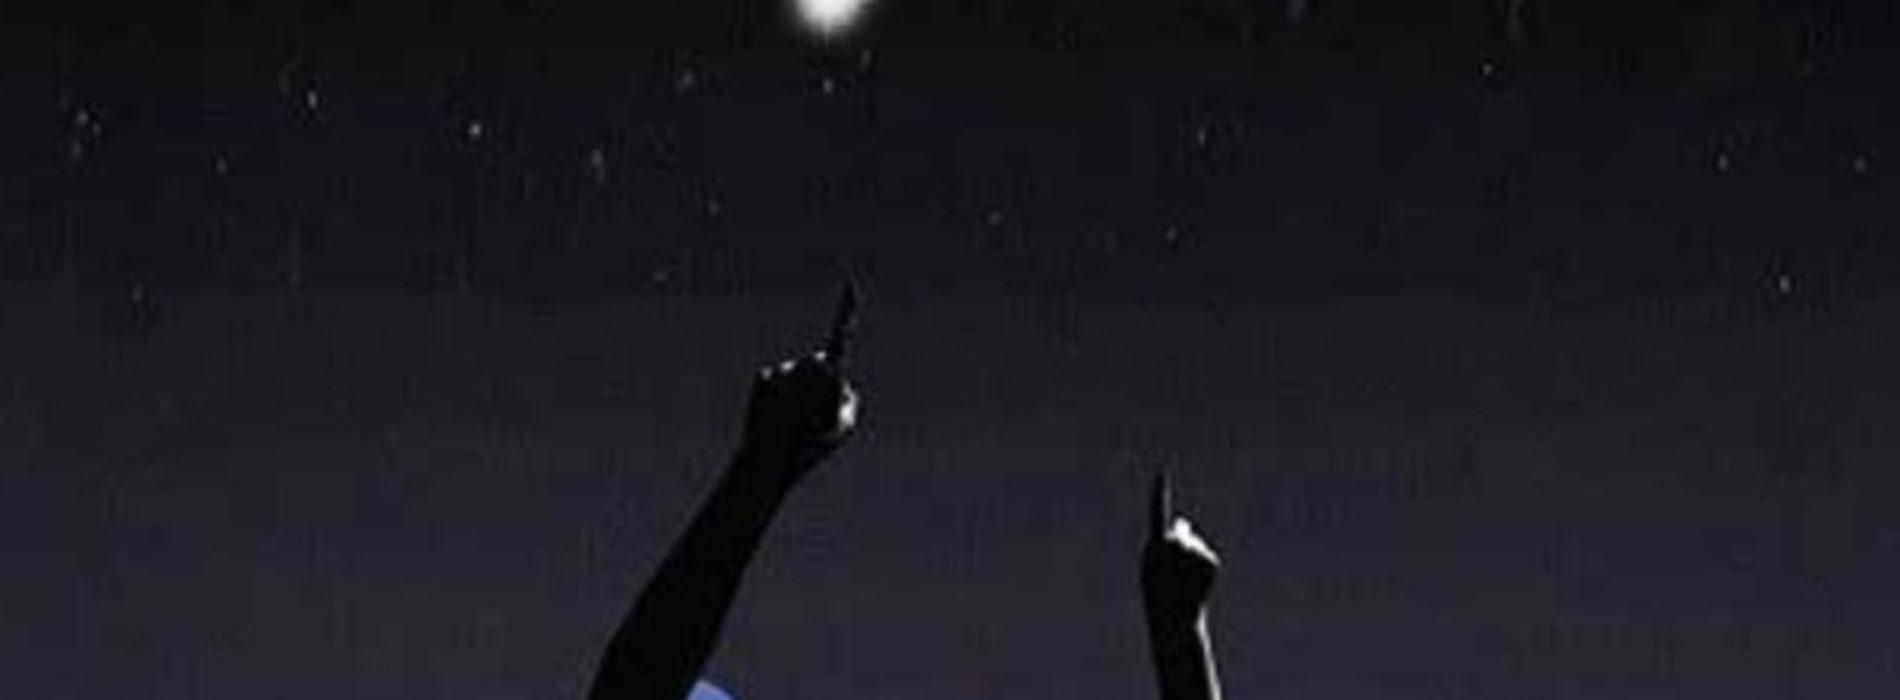 Notte di San Lorenzo, le stelle e i desideri cadono giù dal cielo